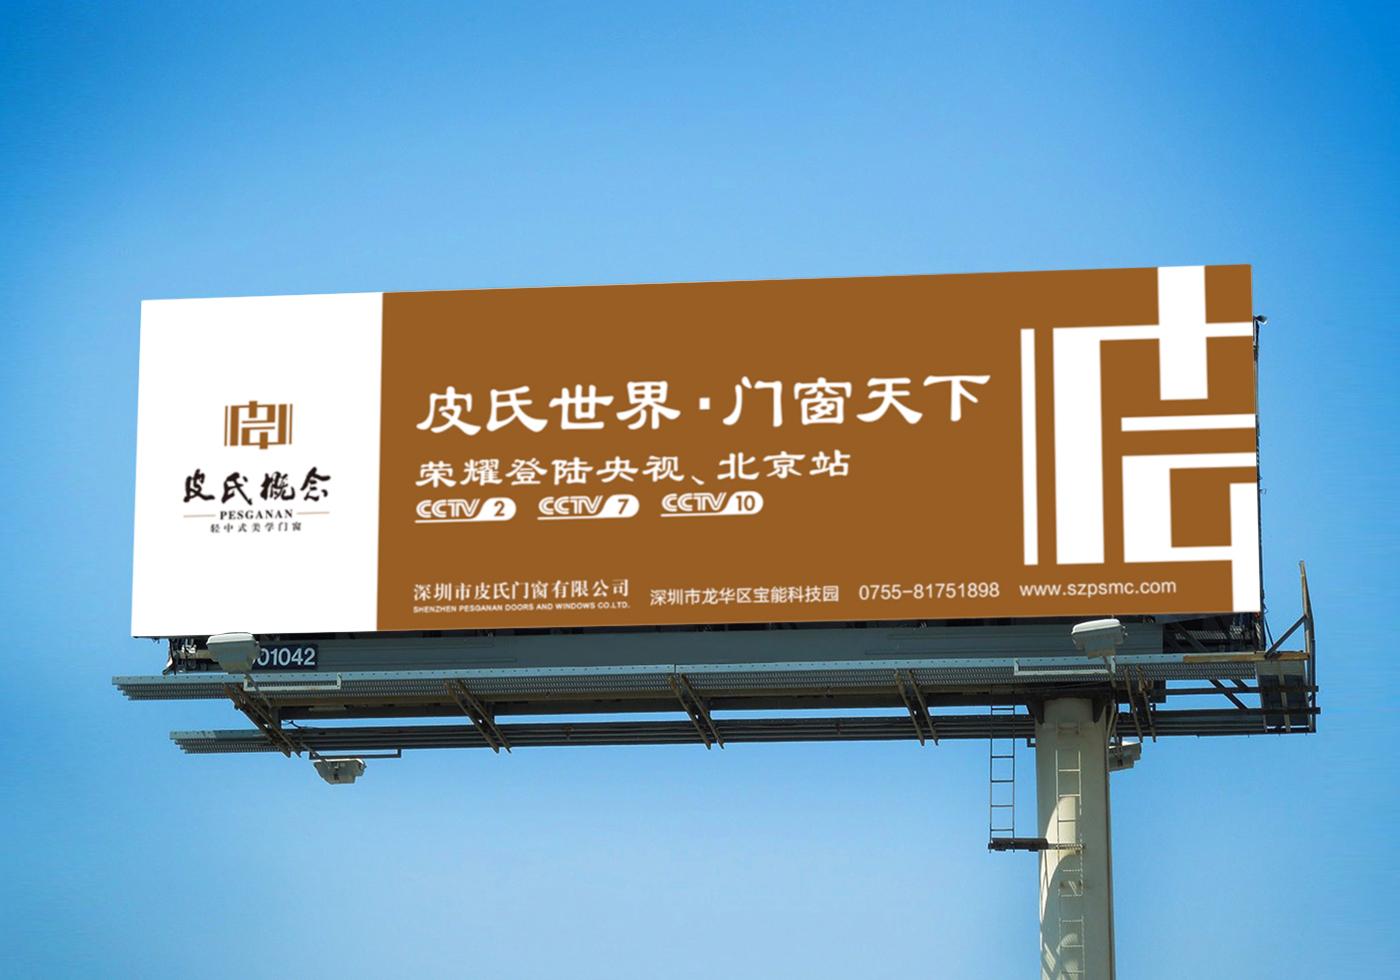 皮氏门窗品牌,公路大型广告牌